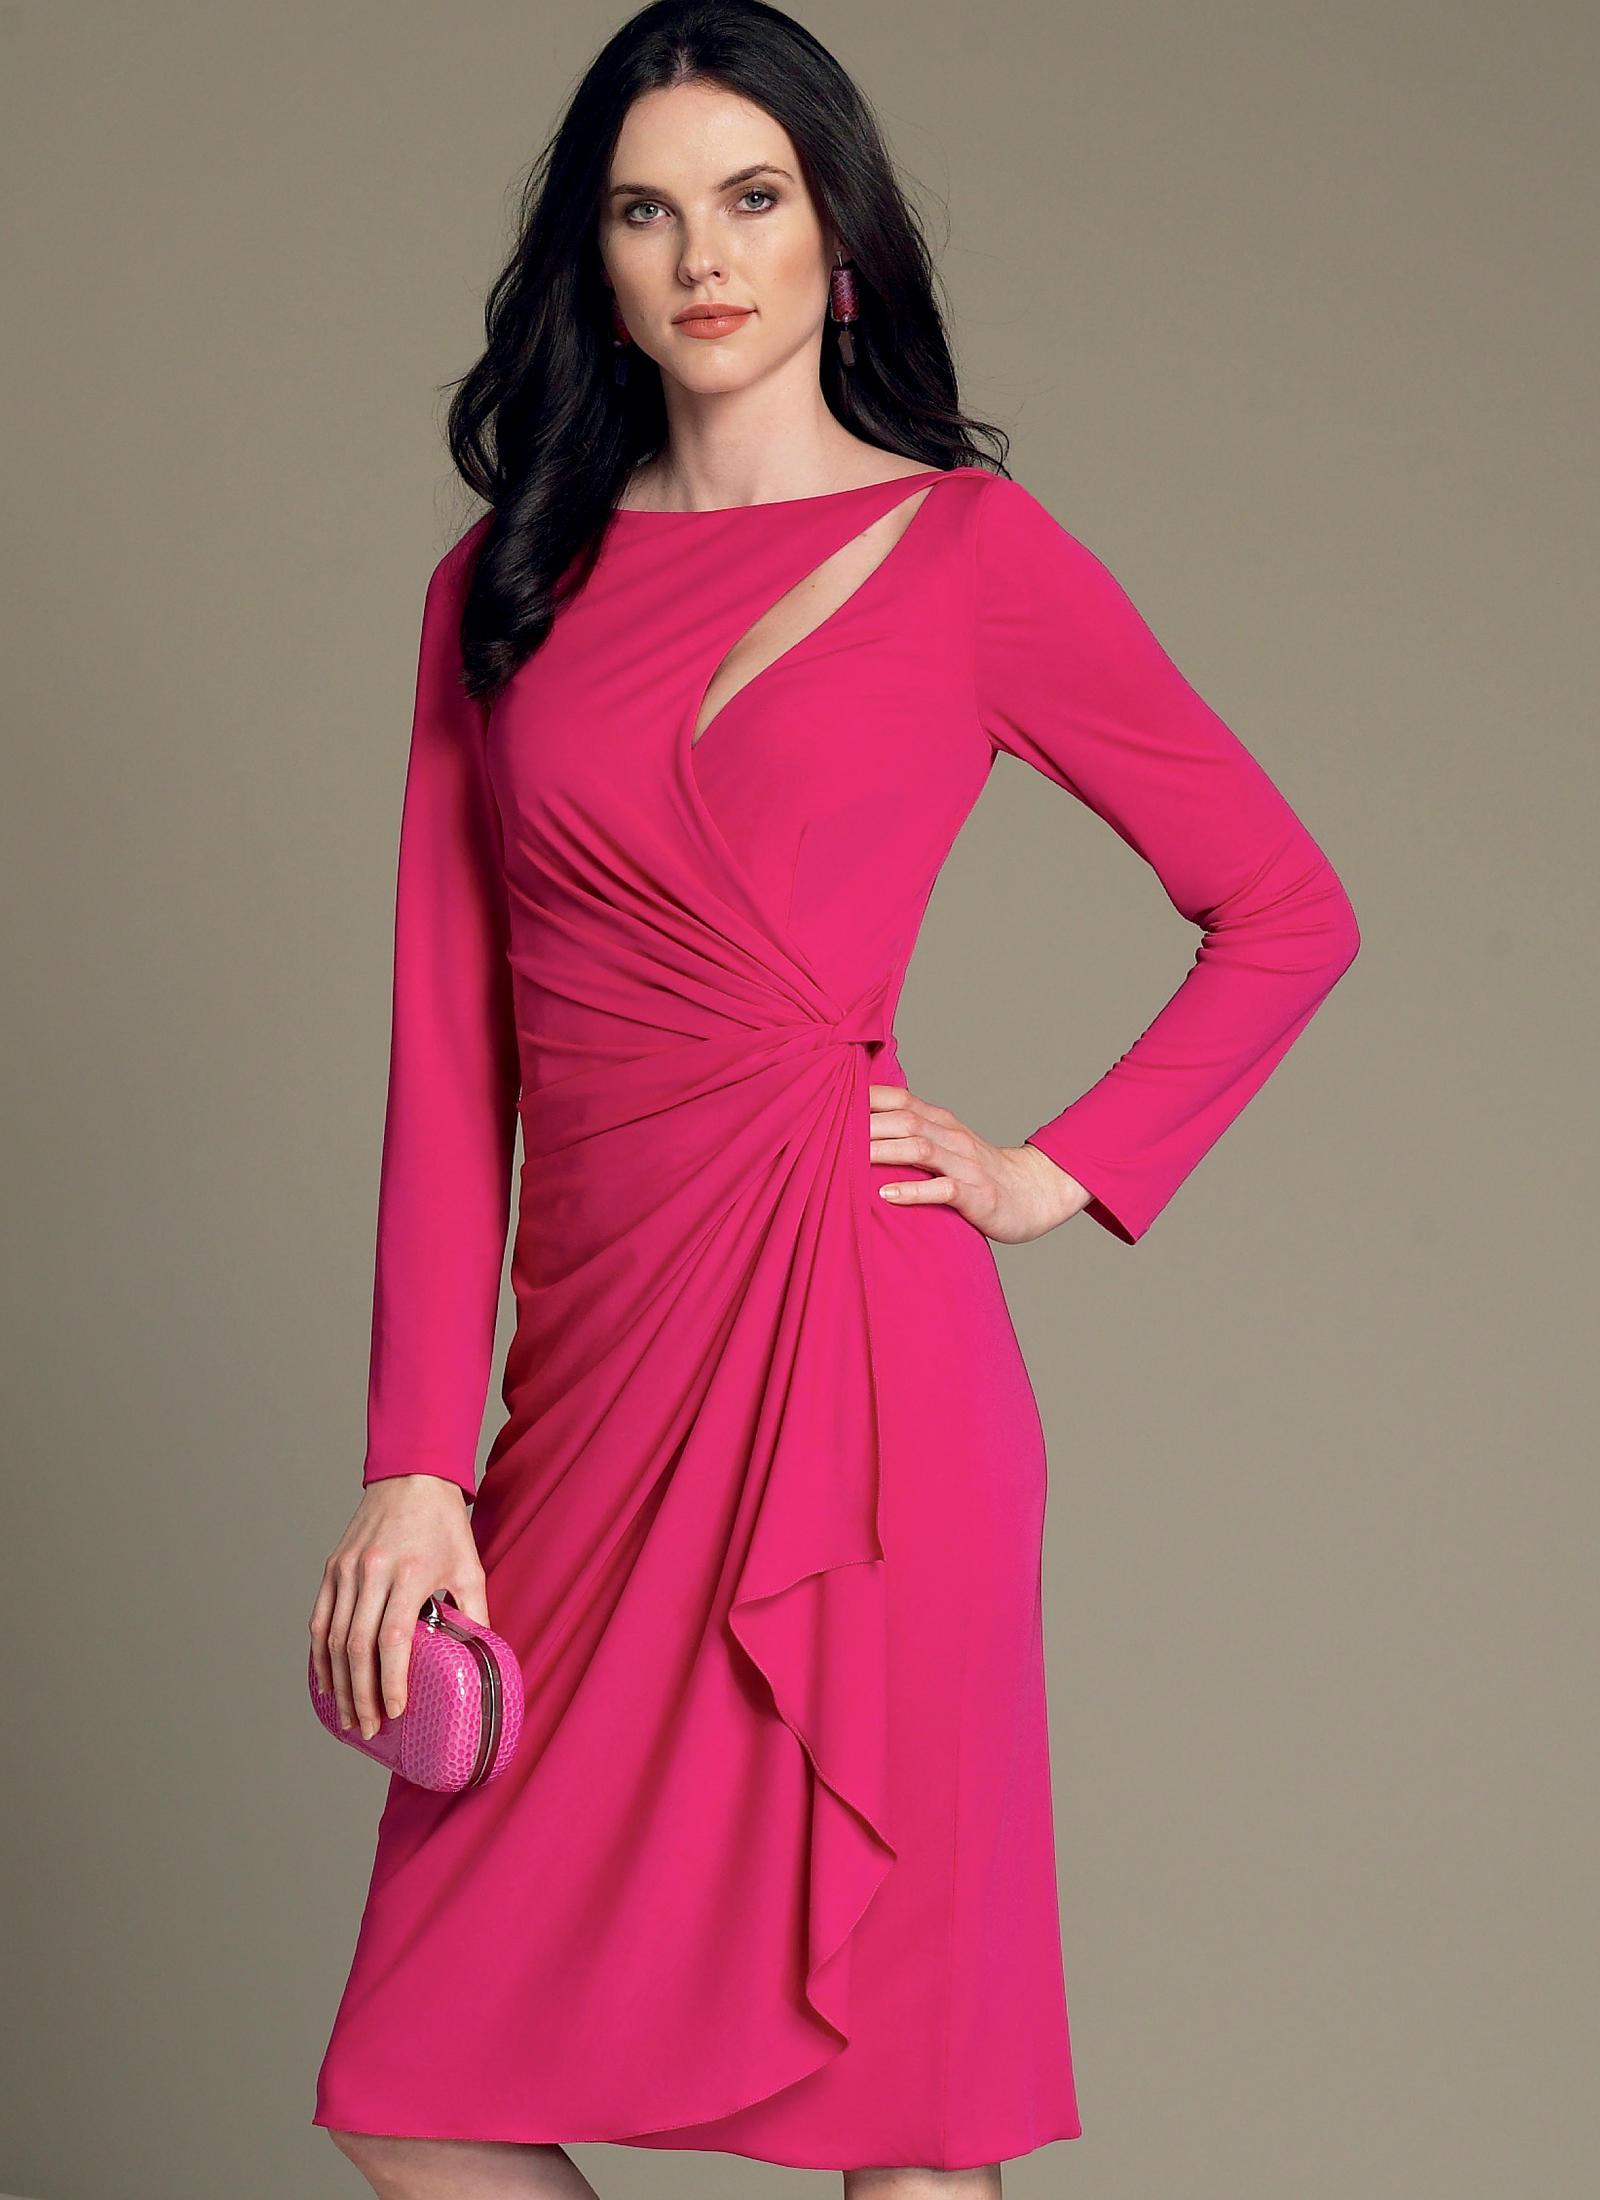 Vogue Patterns 1514 MISSES' MOCK-WRAP CUTOUT DRESS